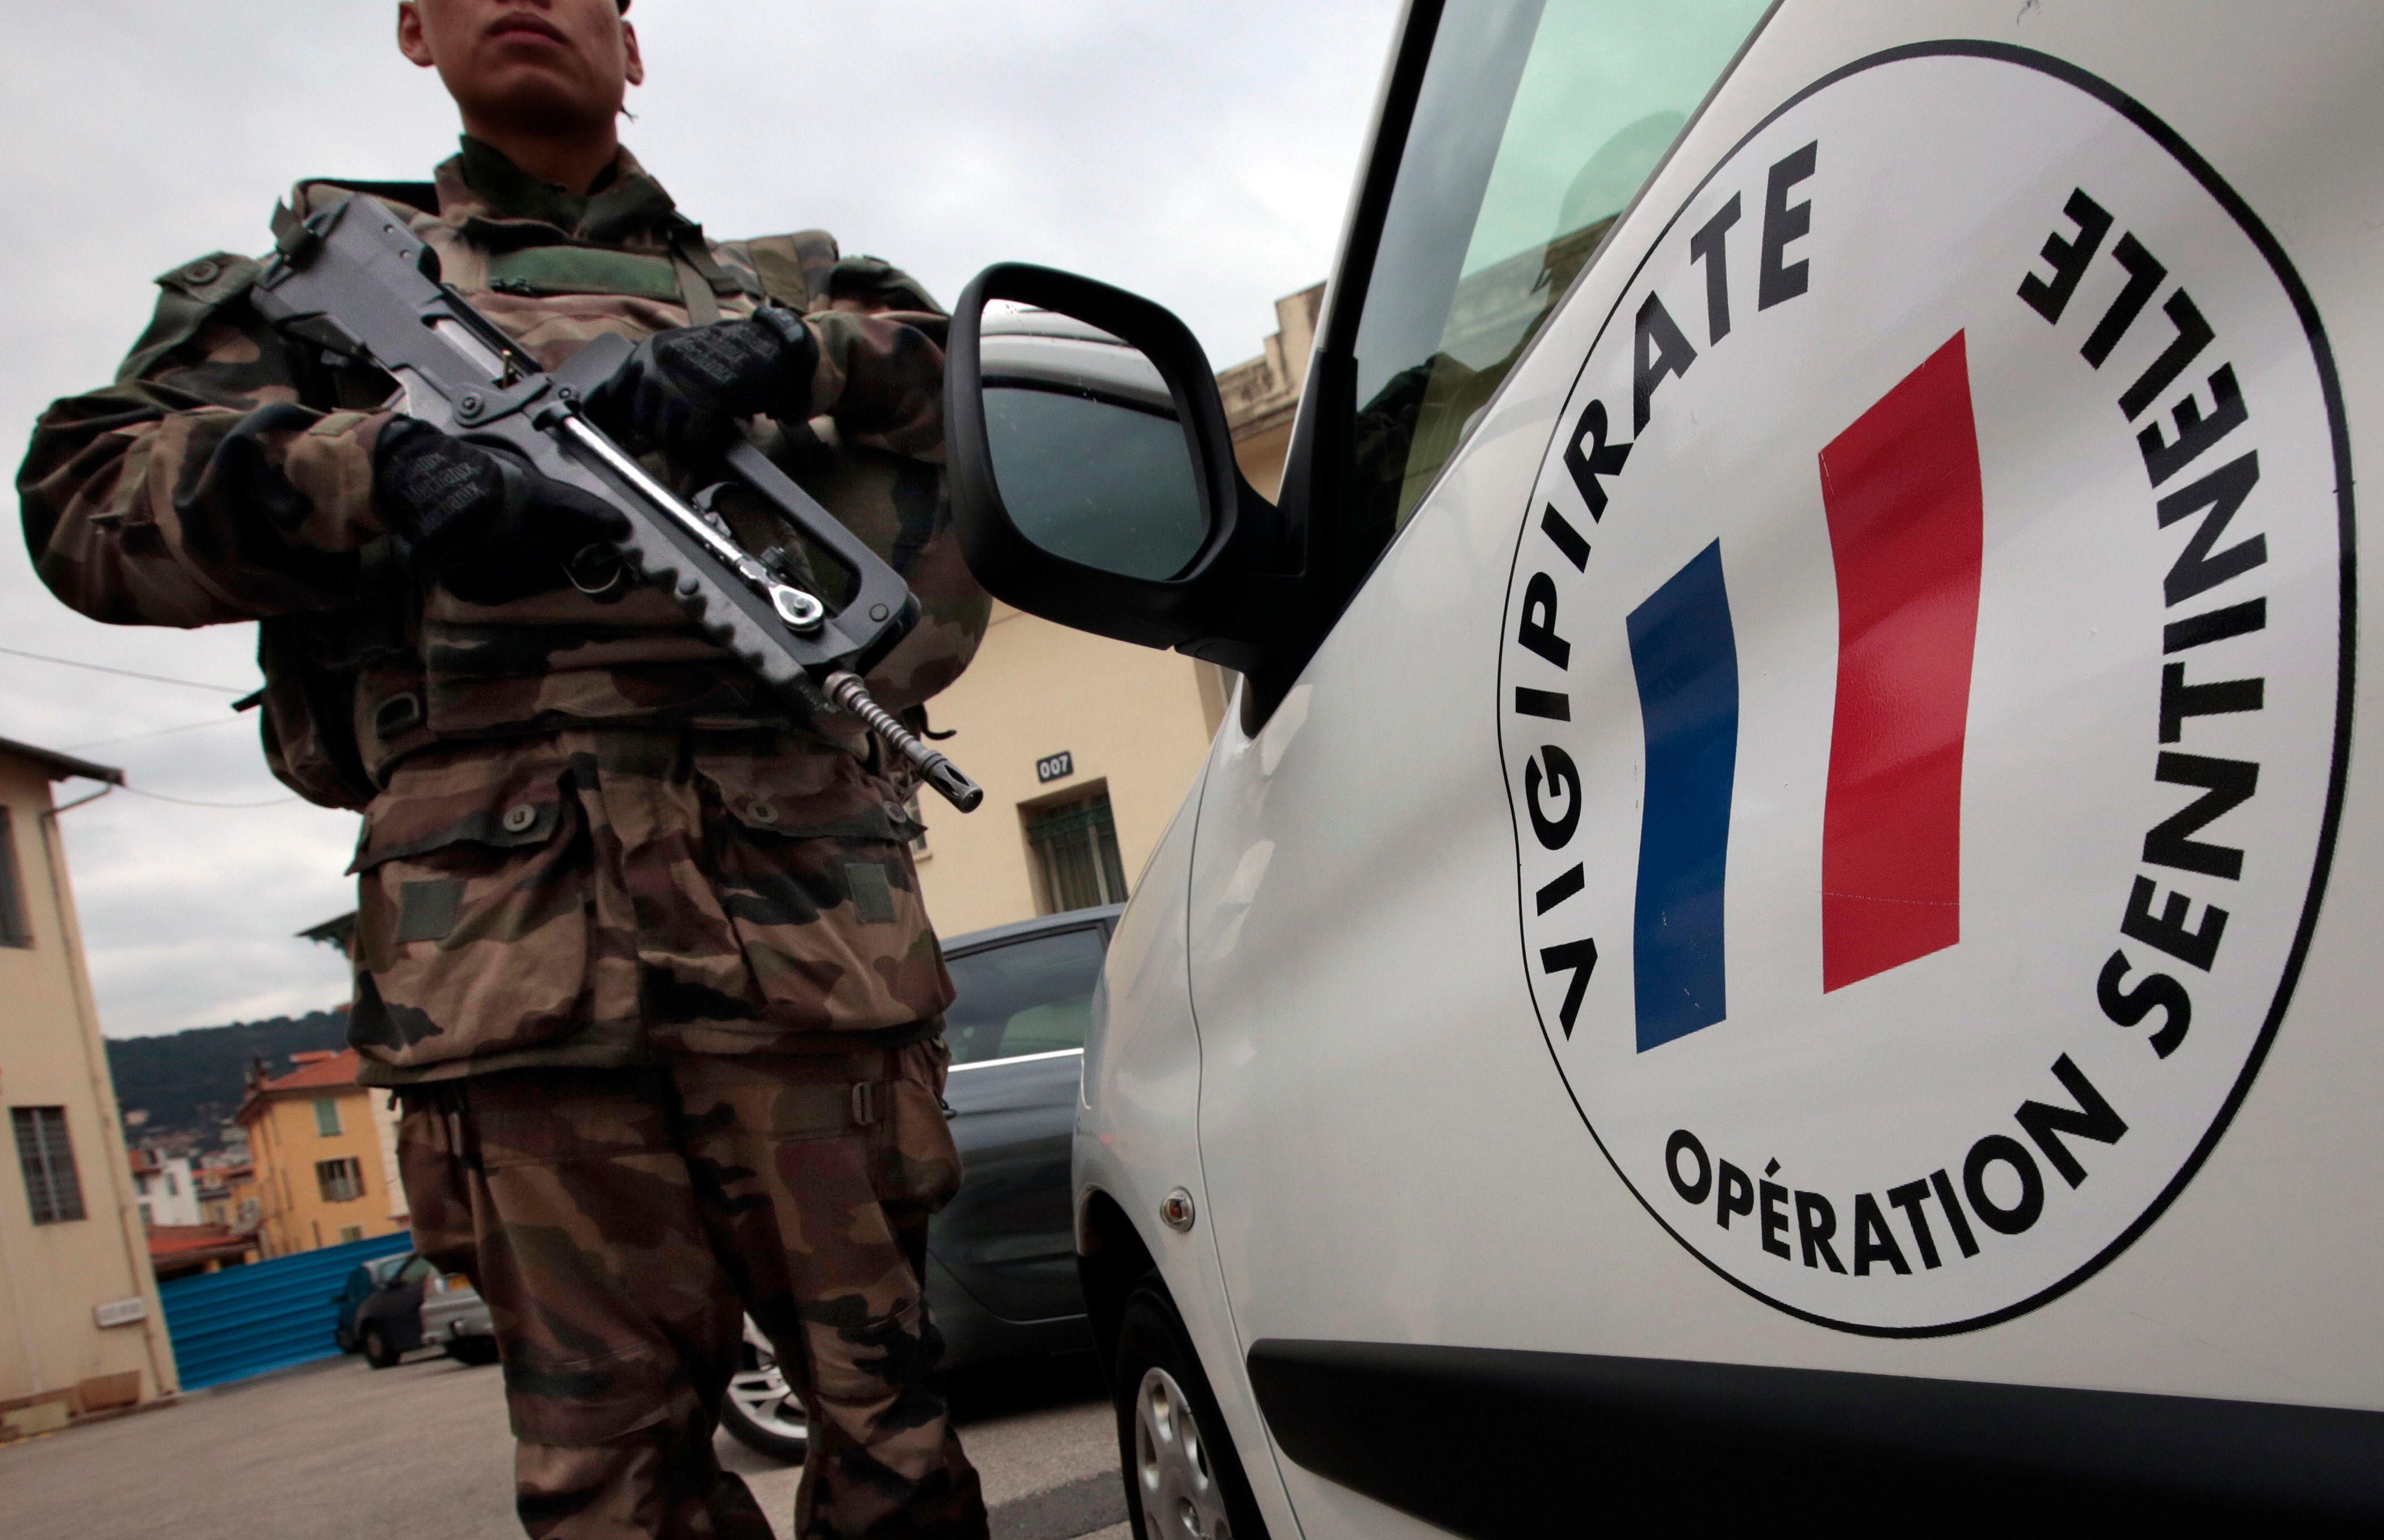 Attaque contre des militaires à Levallois : l'enquête confirme un acte terroriste et prémédité